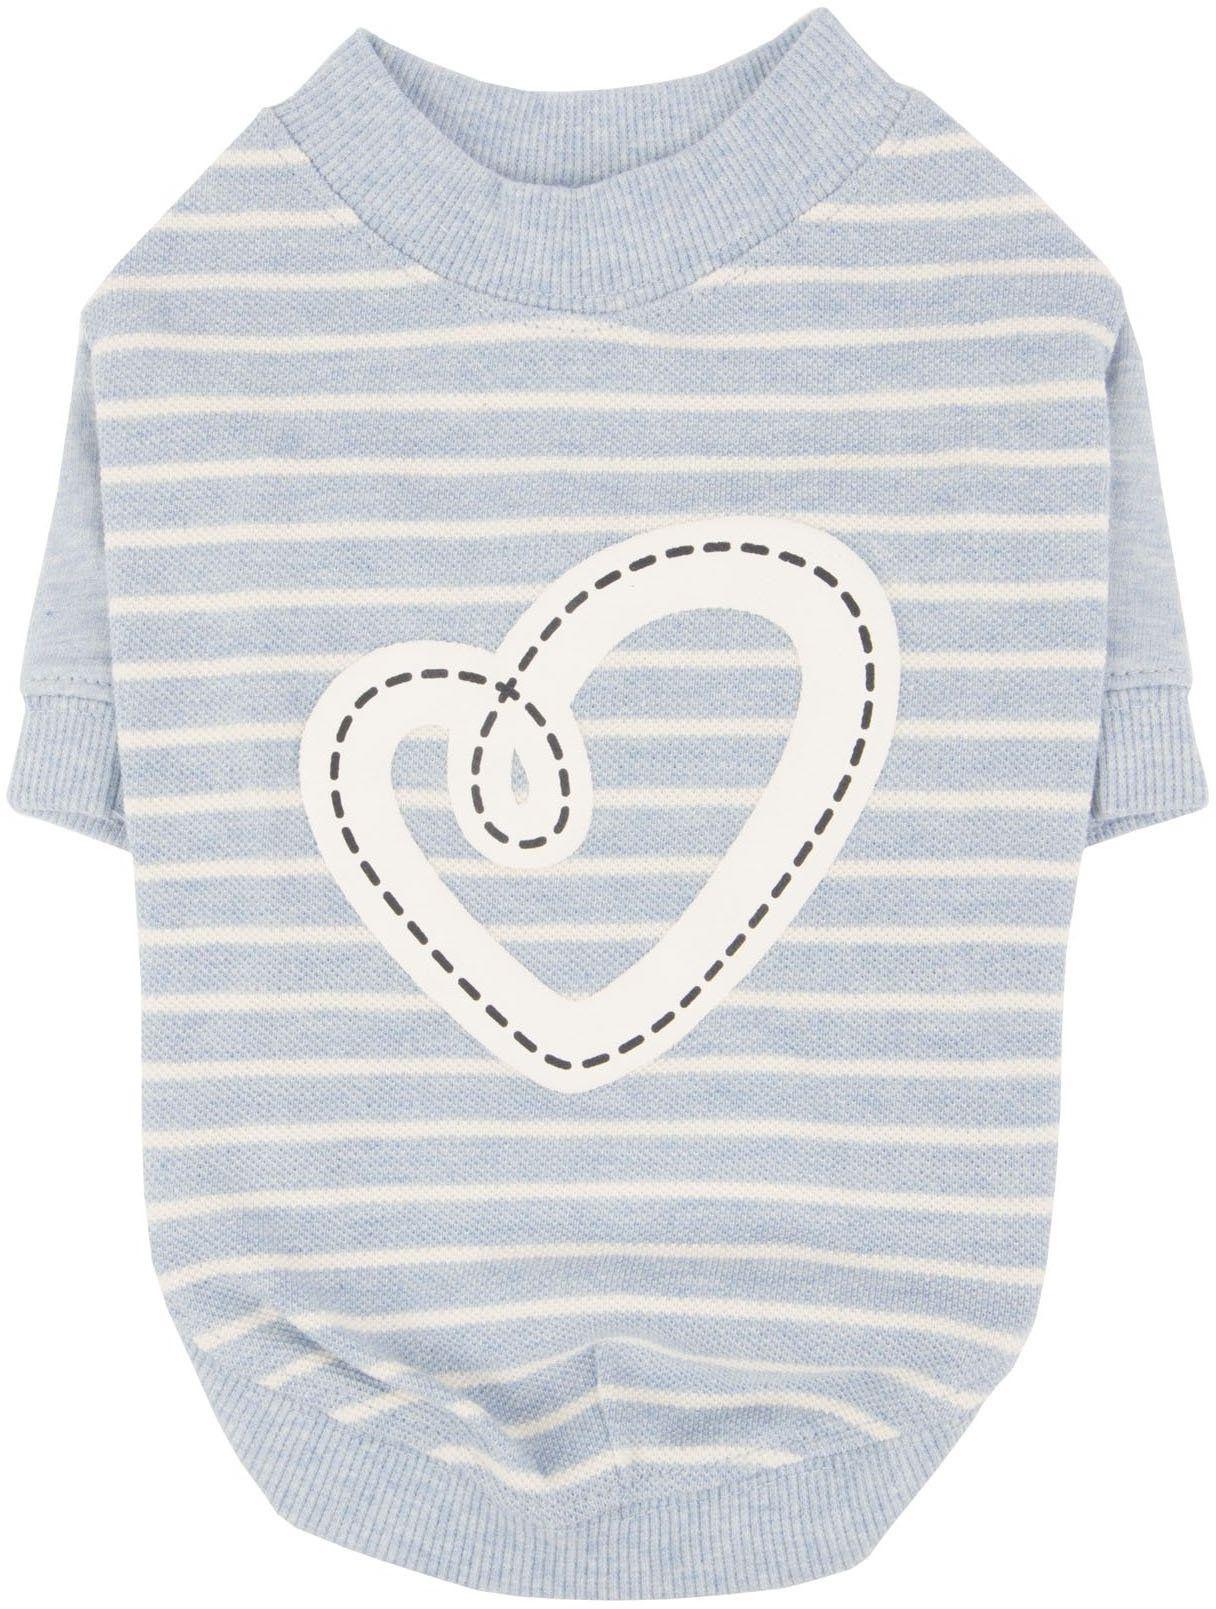 Pinkaholic New York NARA-TS7304-MB-M Ml.Blue Aviana koszulka dla zwierząt domowych, średnia